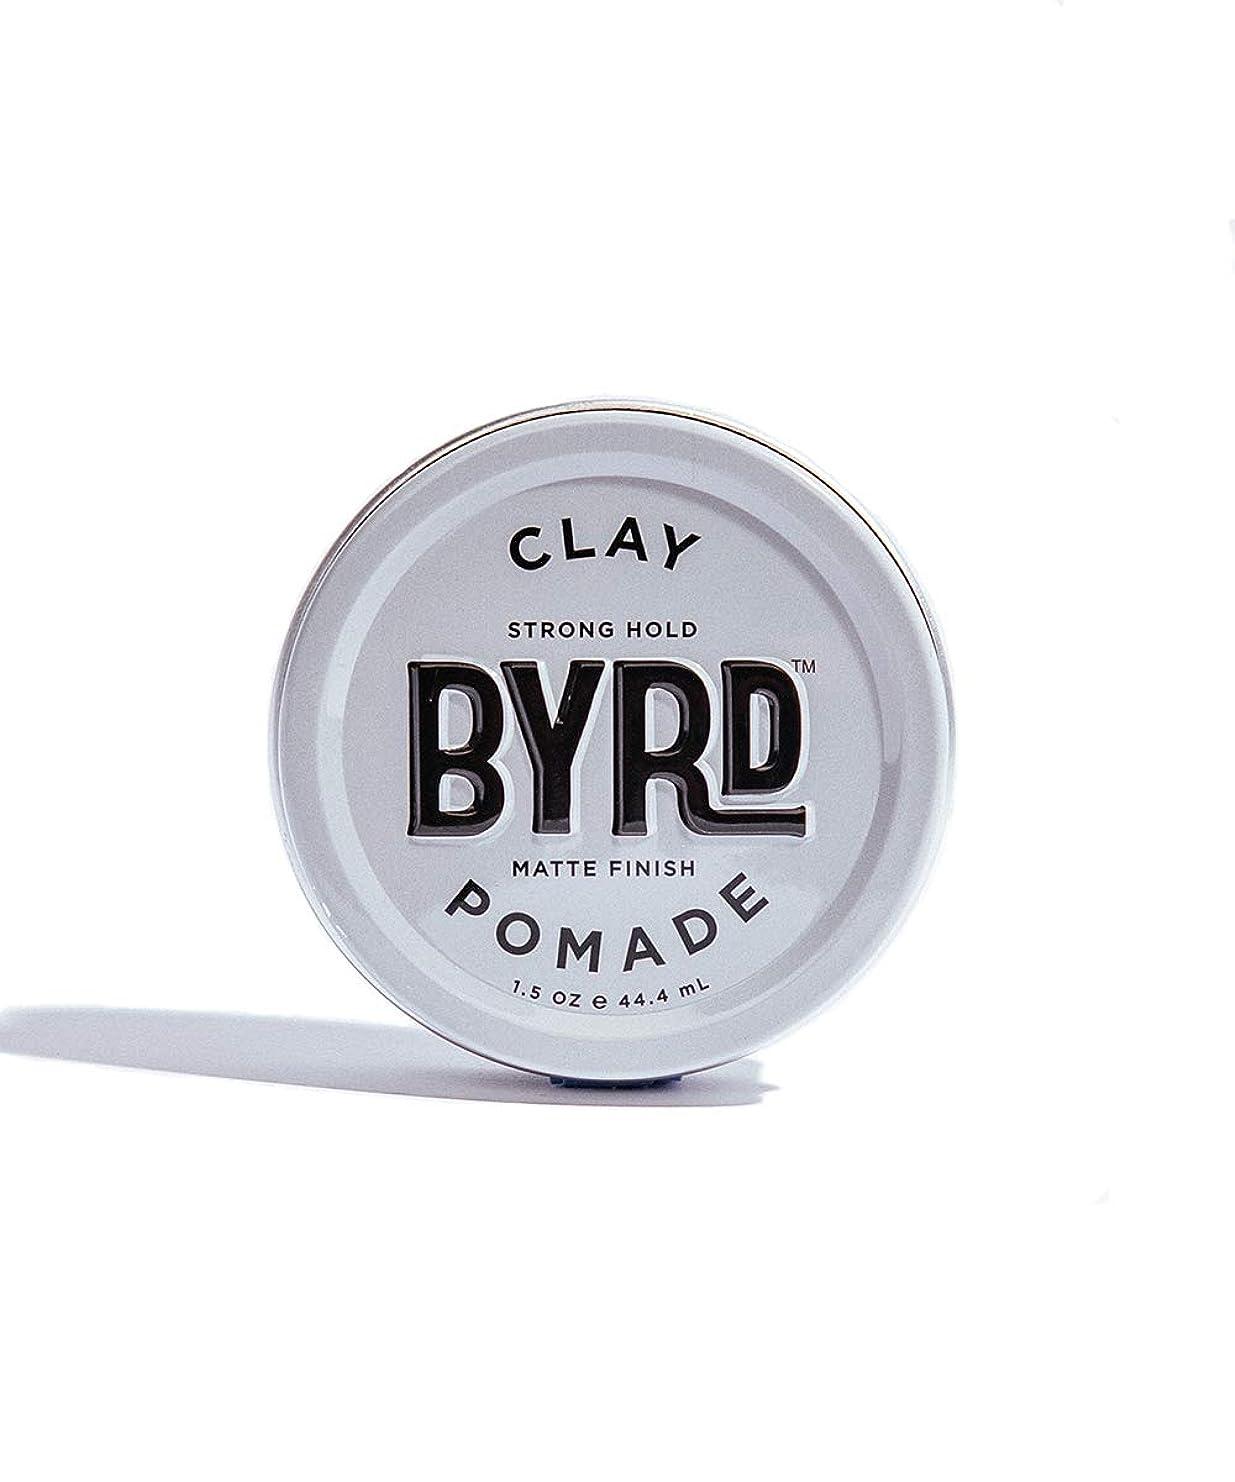 ディレクトリ不確実バスBYRD/クレイポマード 42g メンズコスメ ワックス ヘアスタイリング かっこいい モテ髪